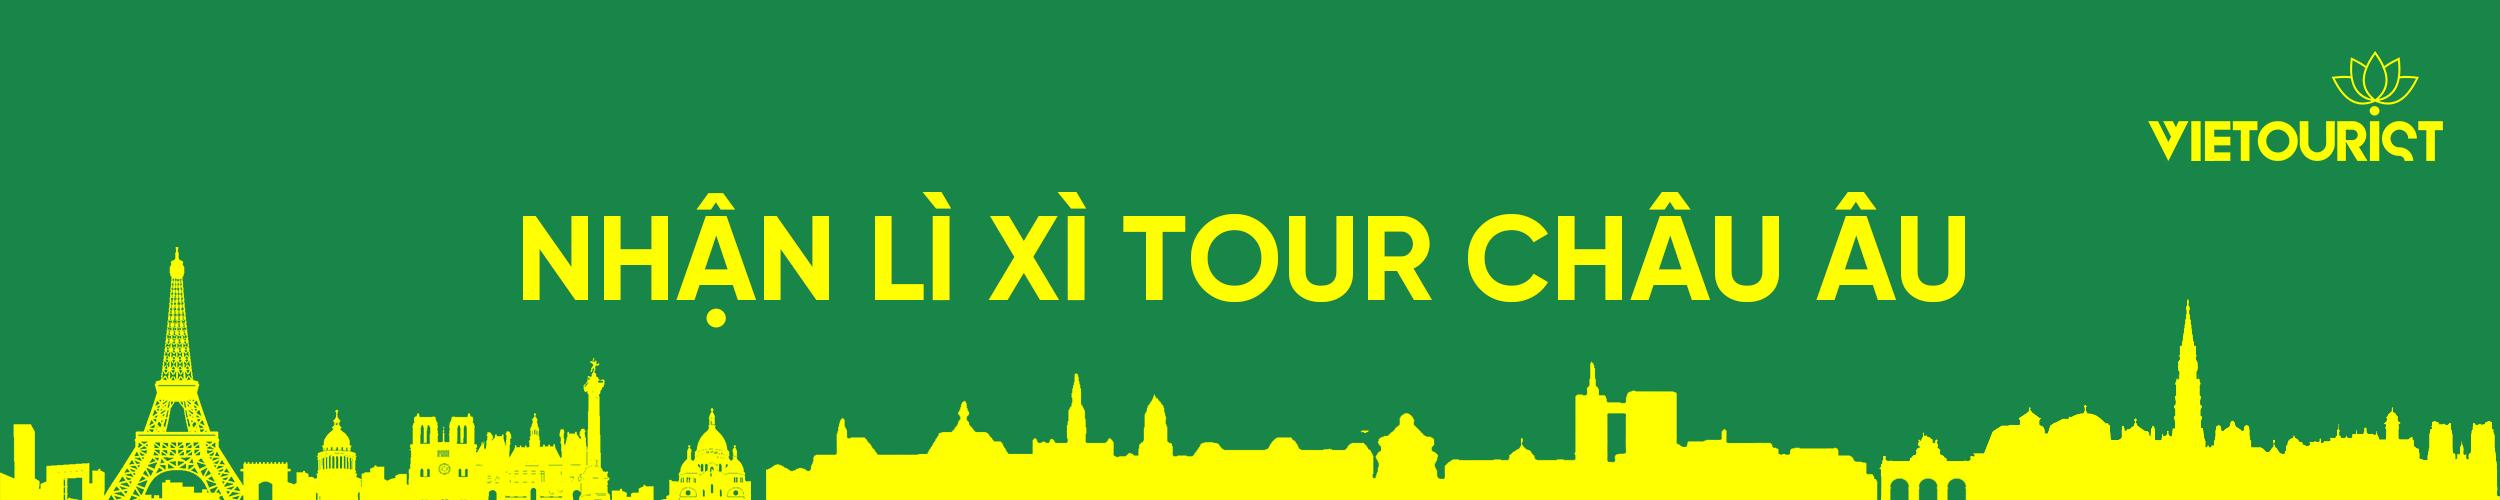 Tour Châu Âu khuyến mãi